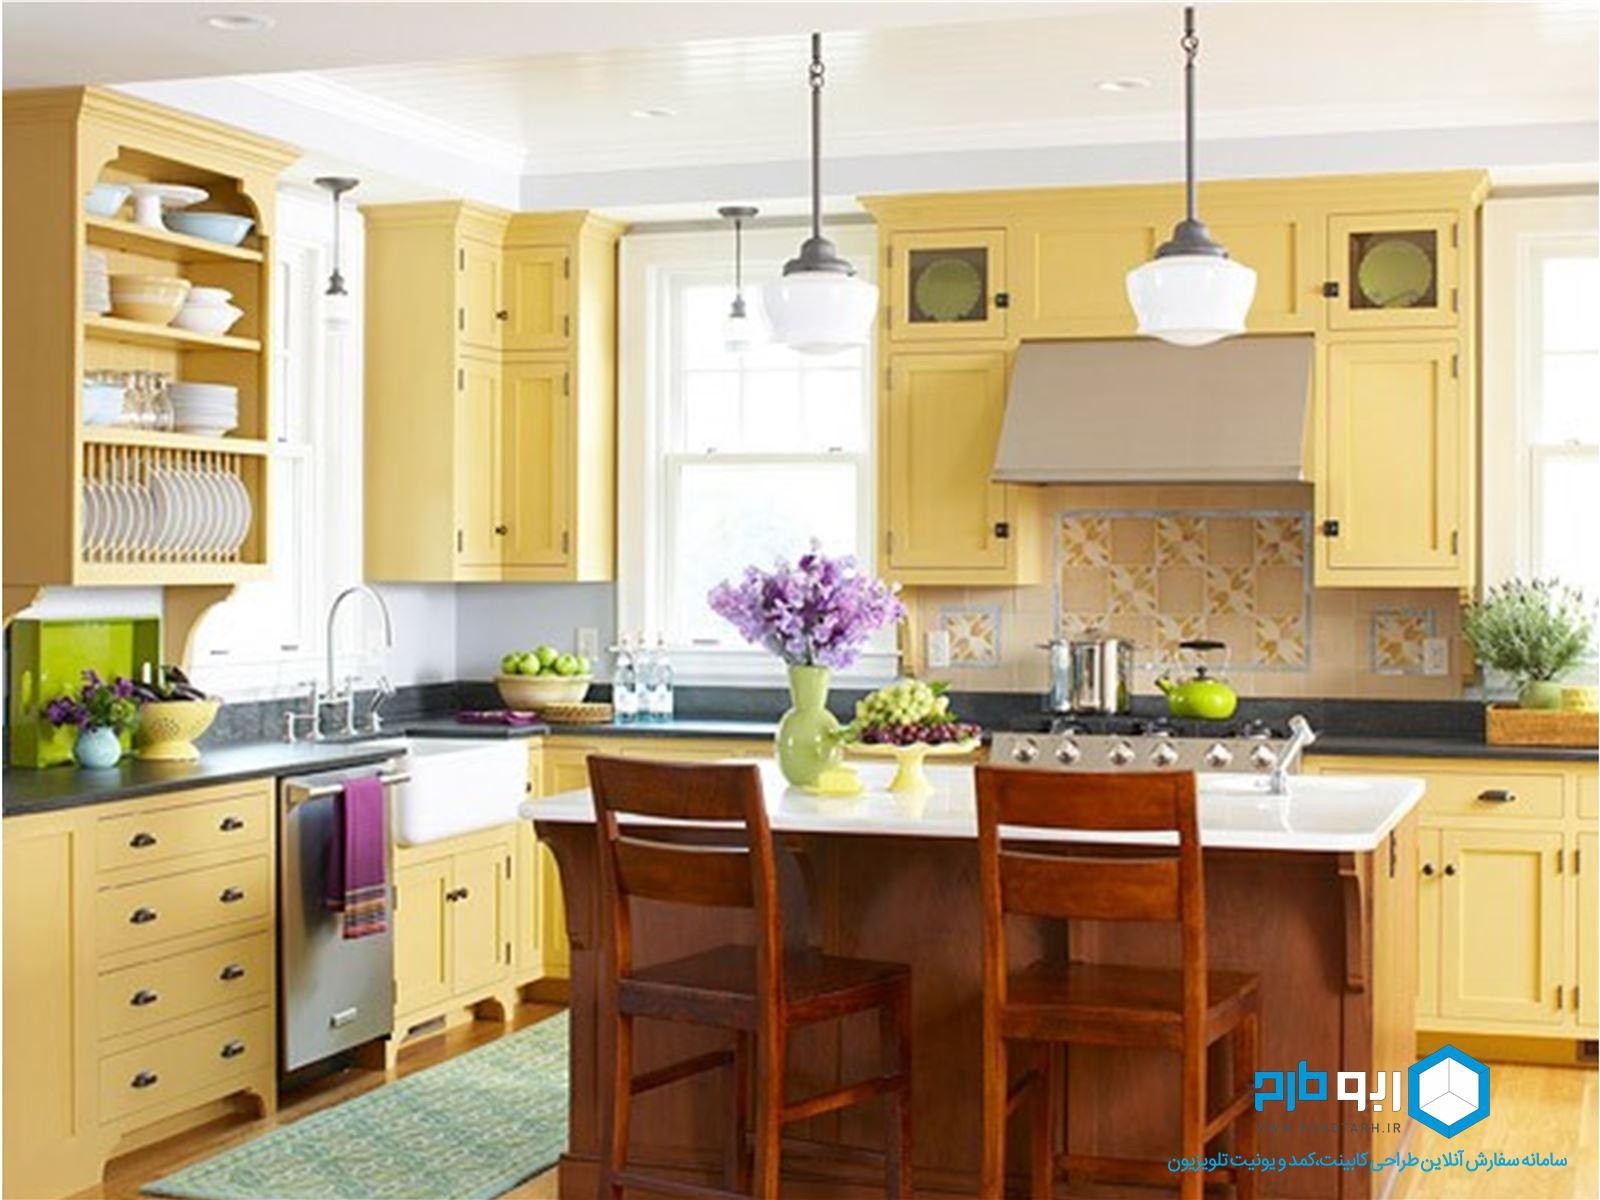 استفاده از رنگهای گرم در طراحی آشپزخانه